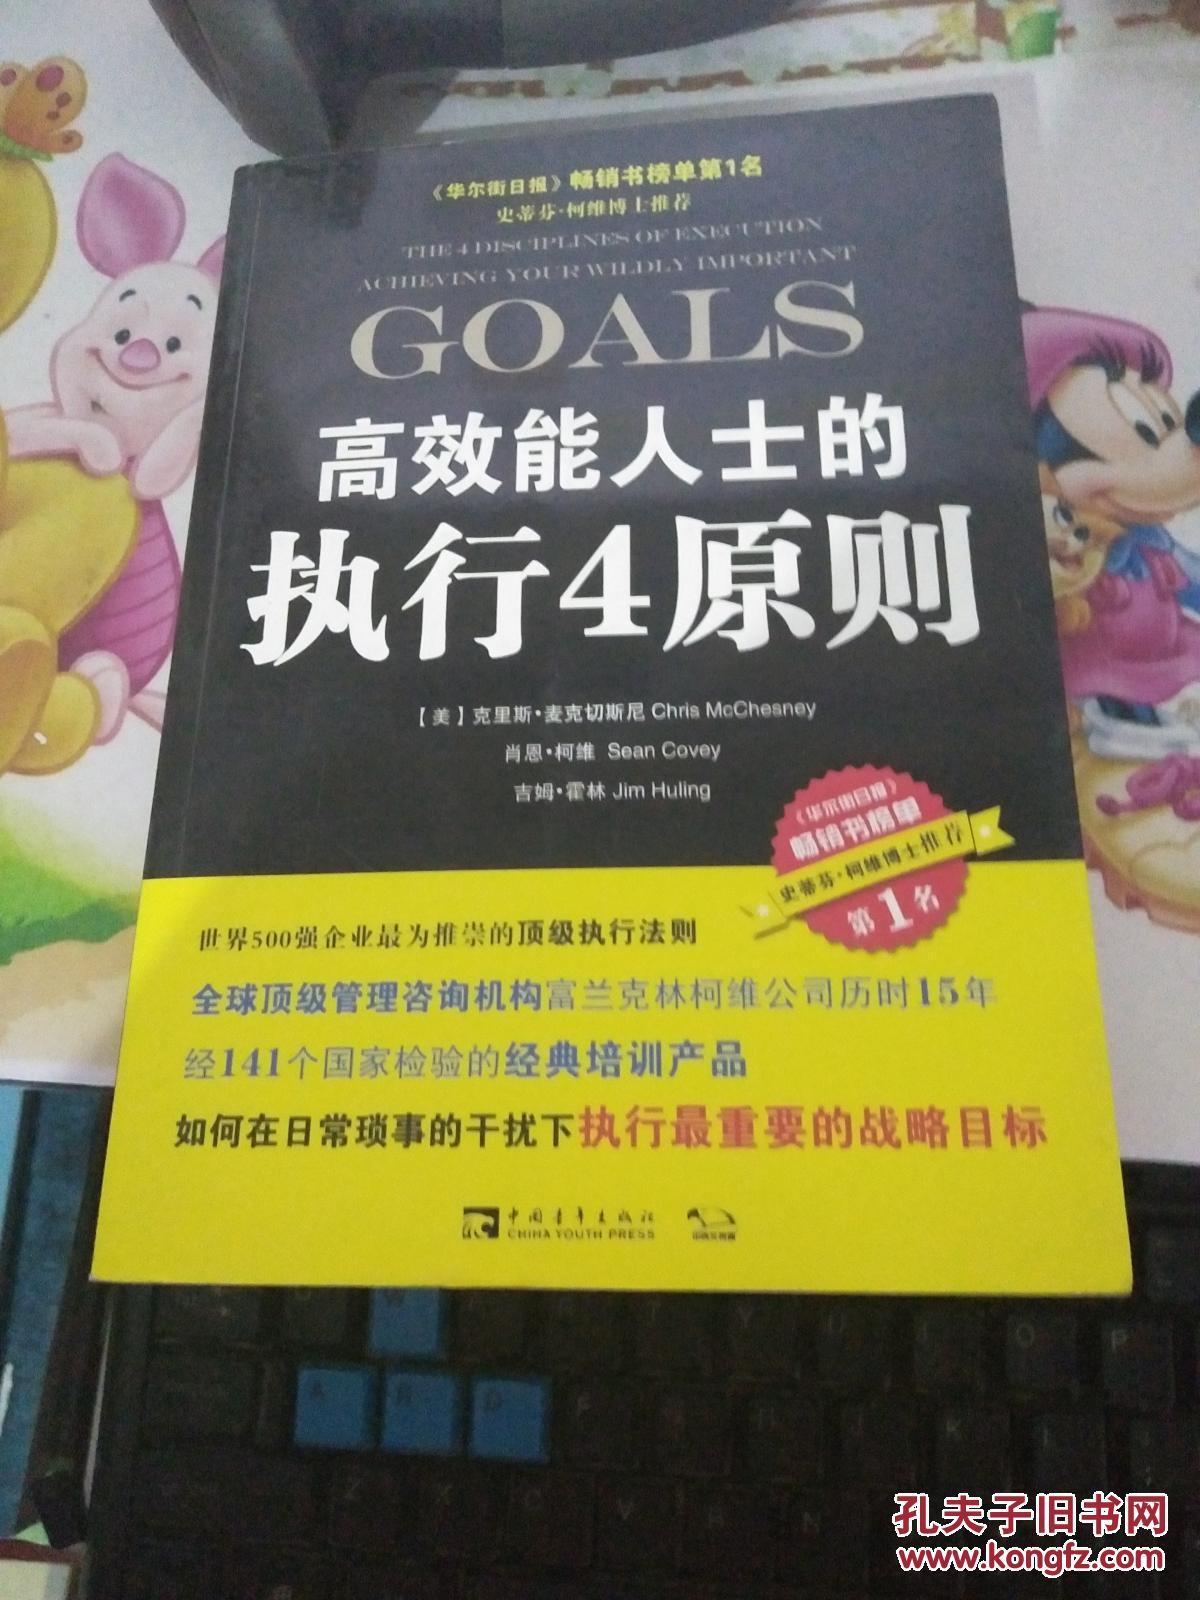 新华书店正版 高效能人士的执行4原则\/使团队